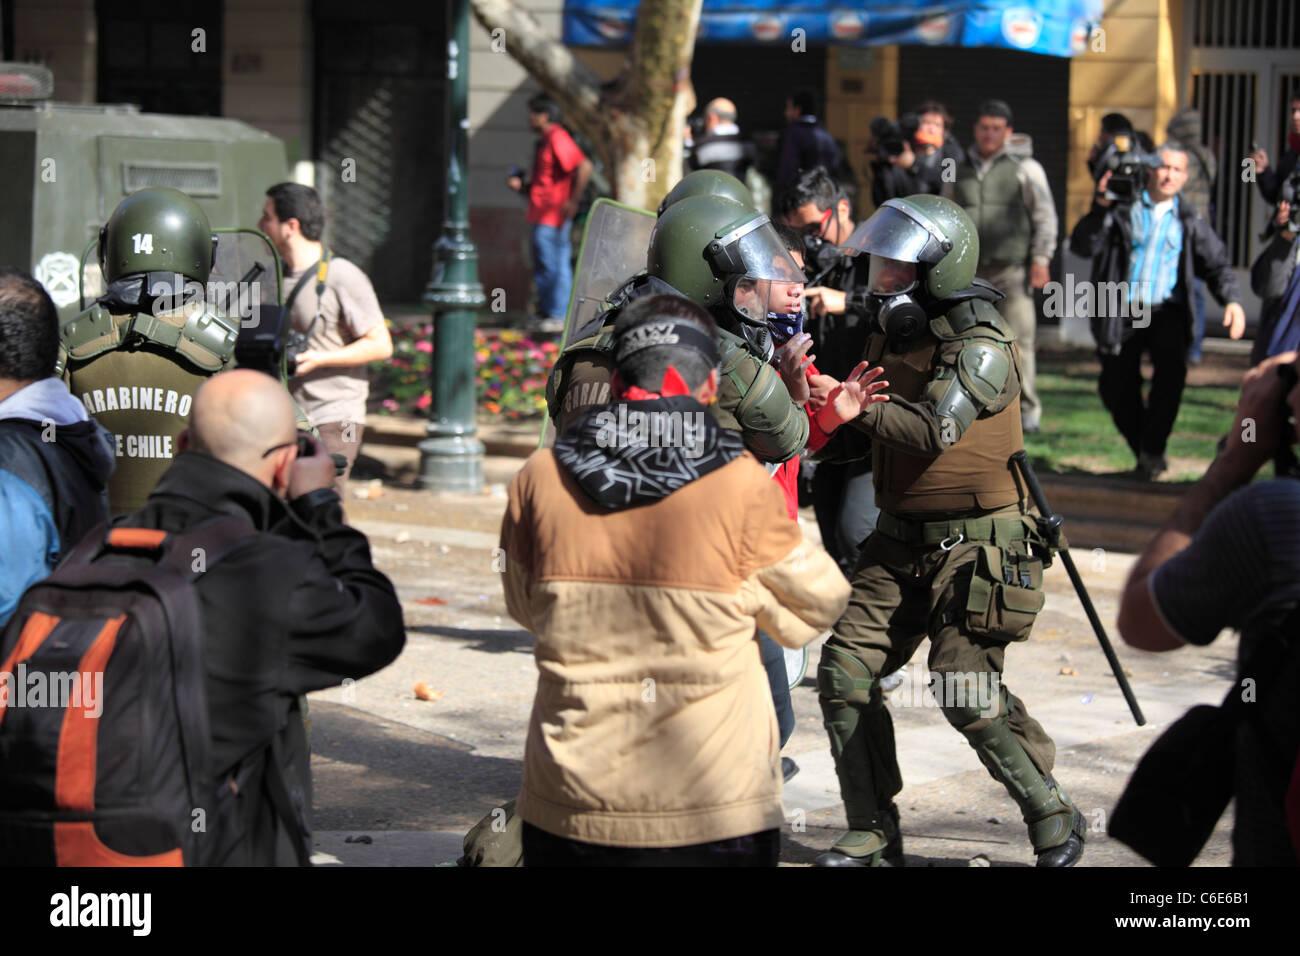 Manifestant arrêté par la police anti-émeute chilienne pendant une grève d'étudiants Photo Stock